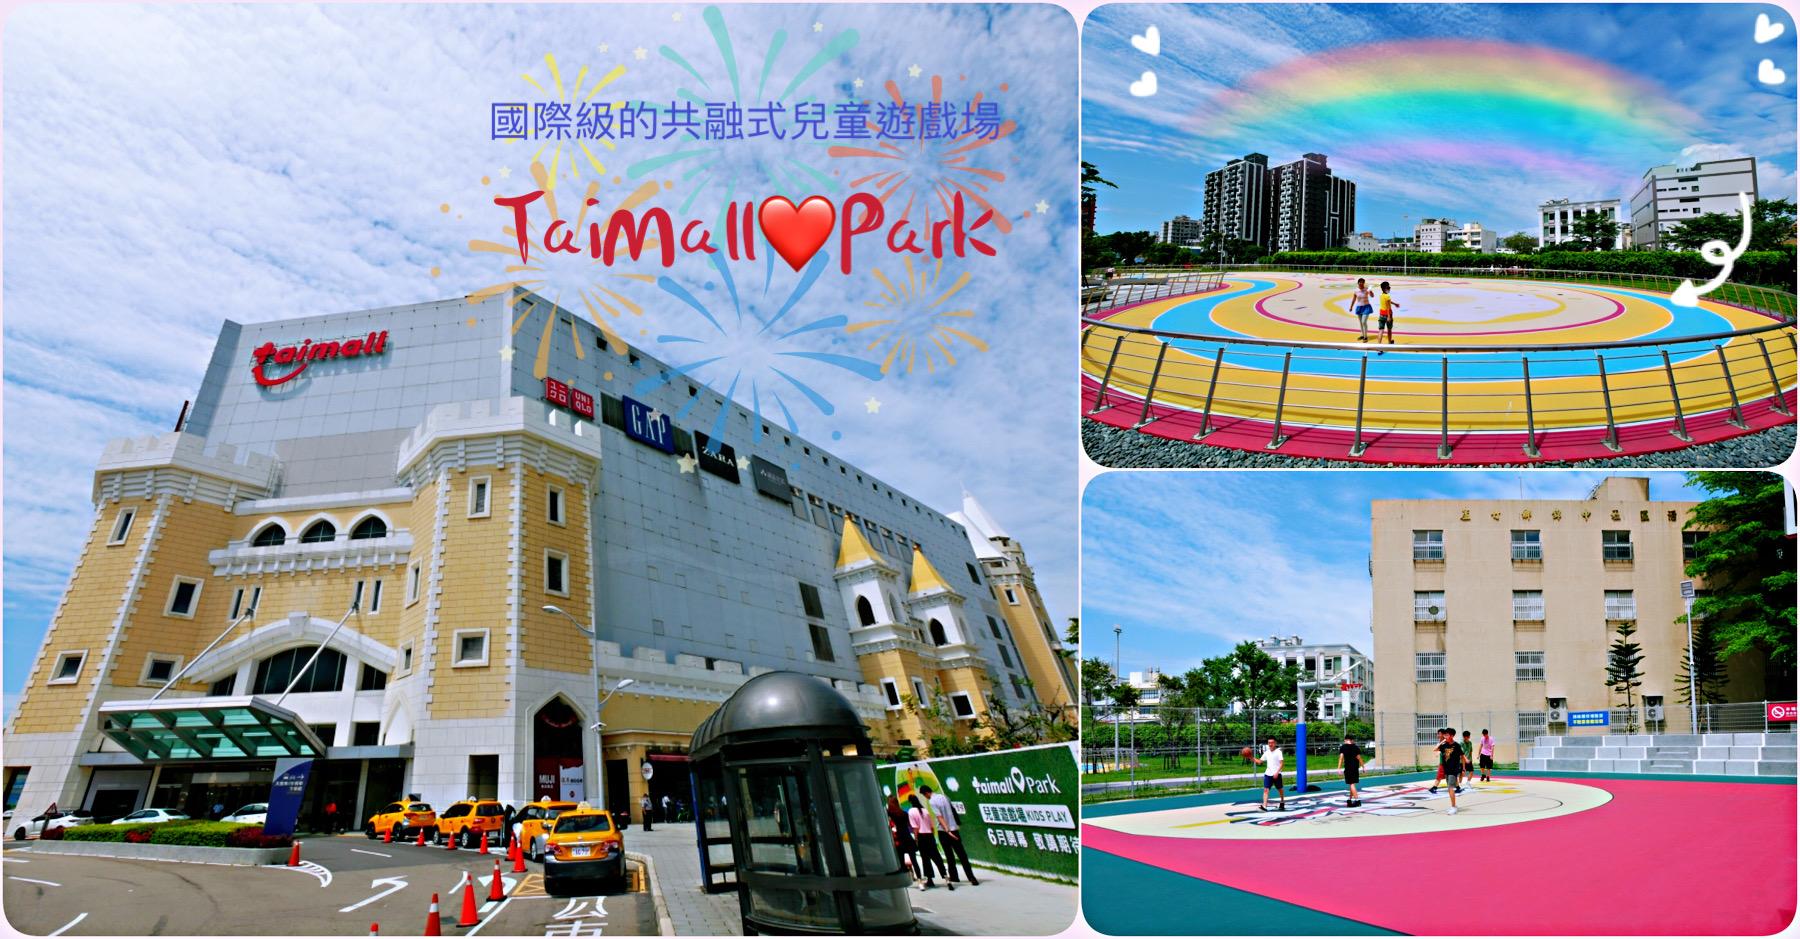 延伸閱讀:[南崁旅遊]台茂購物中心|Taimall♥Park 2020國際級的共融式兒童遊戲場今夏新登場‧六月前陸續免費開放使用